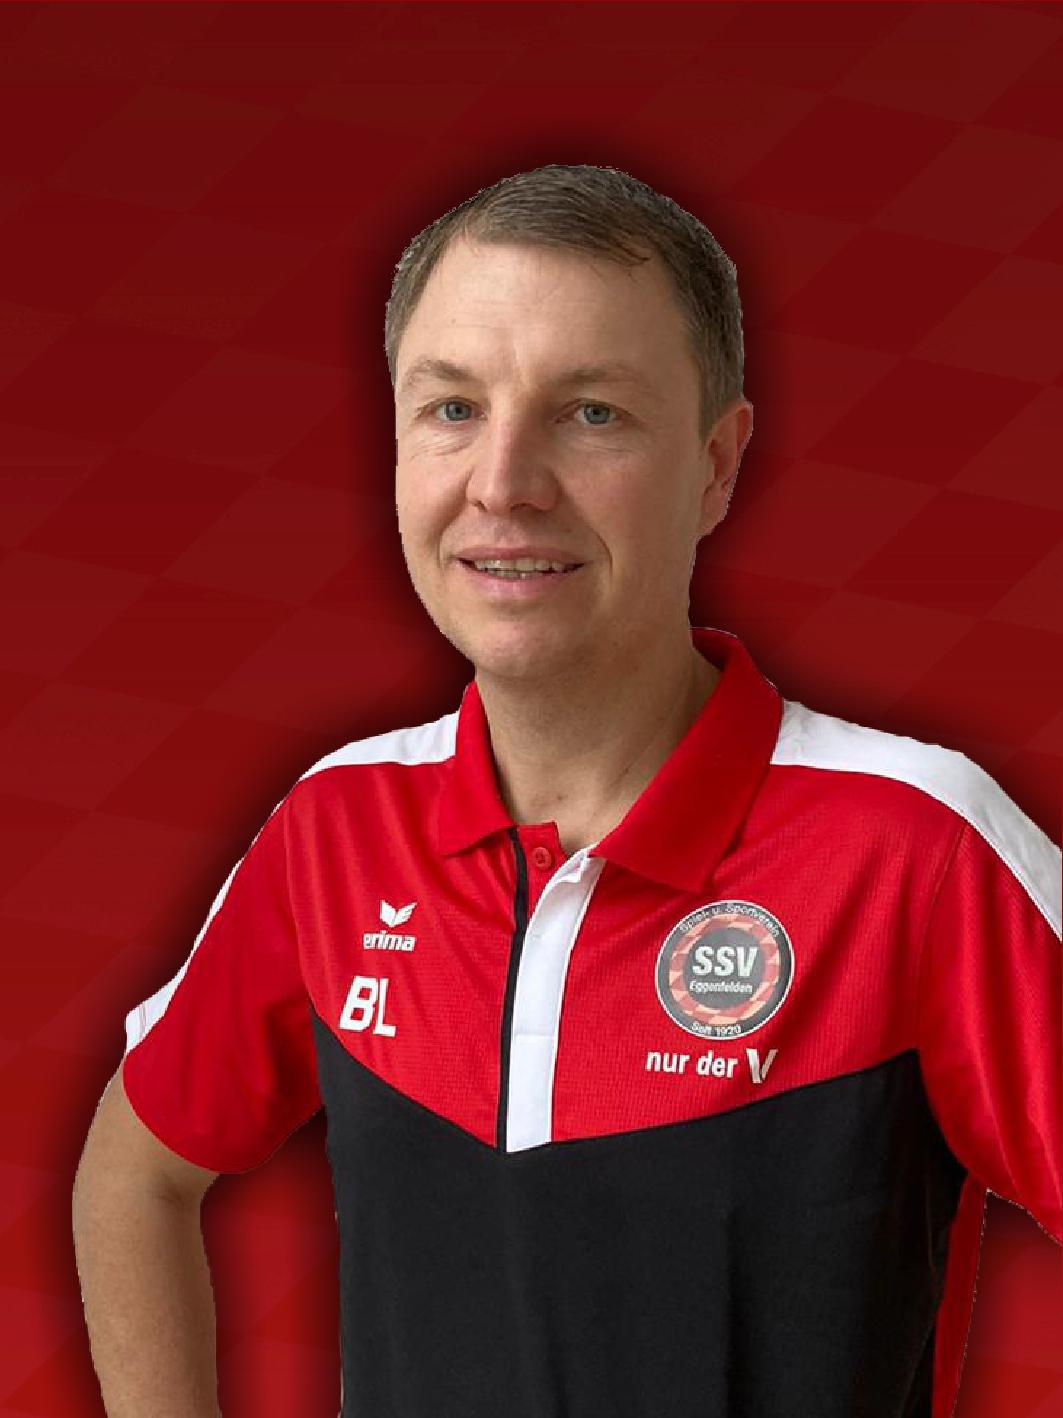 Bernhard Lohr